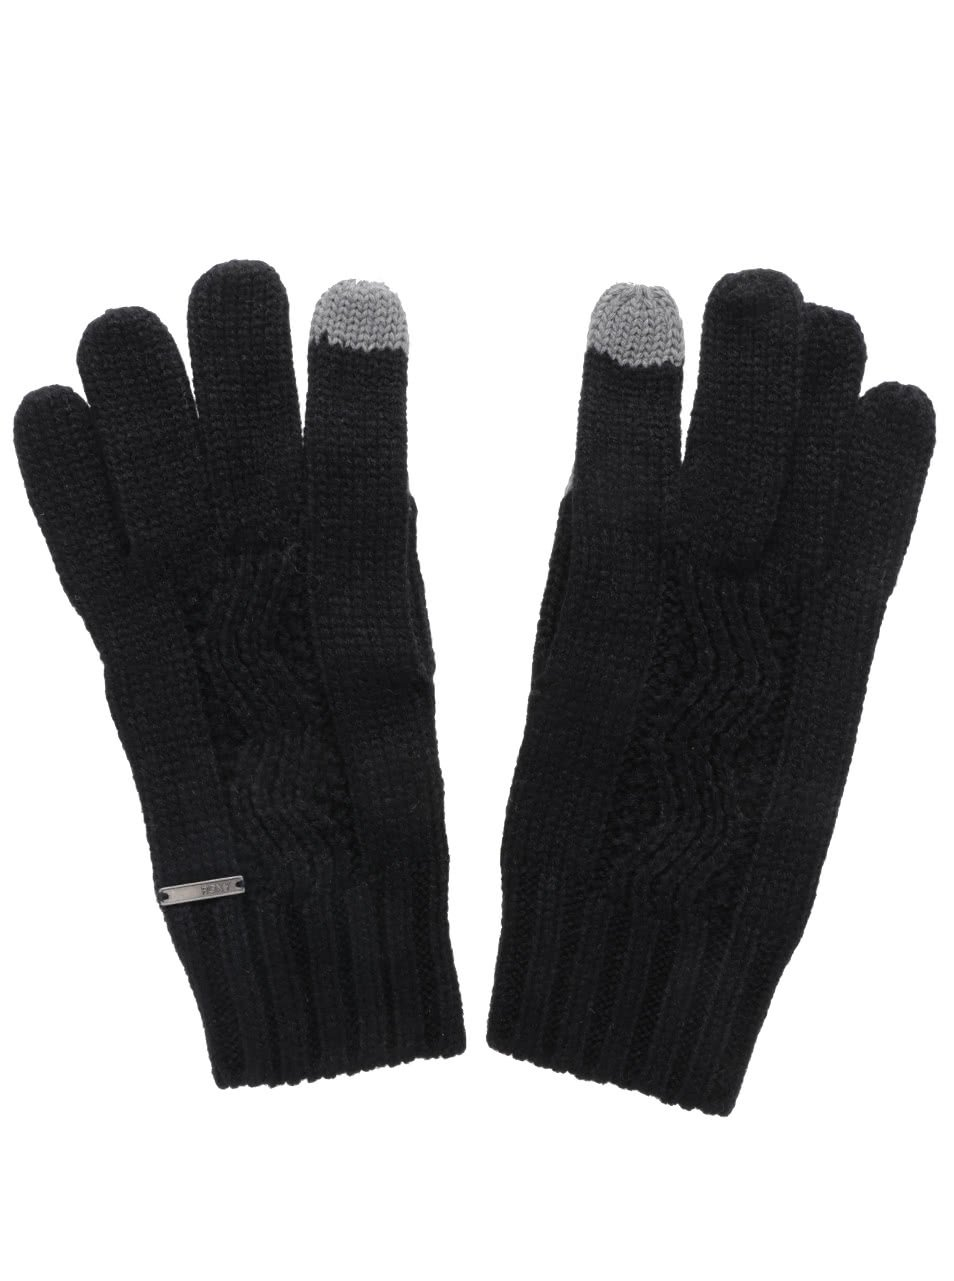 Černé rukavice Roxy Stay